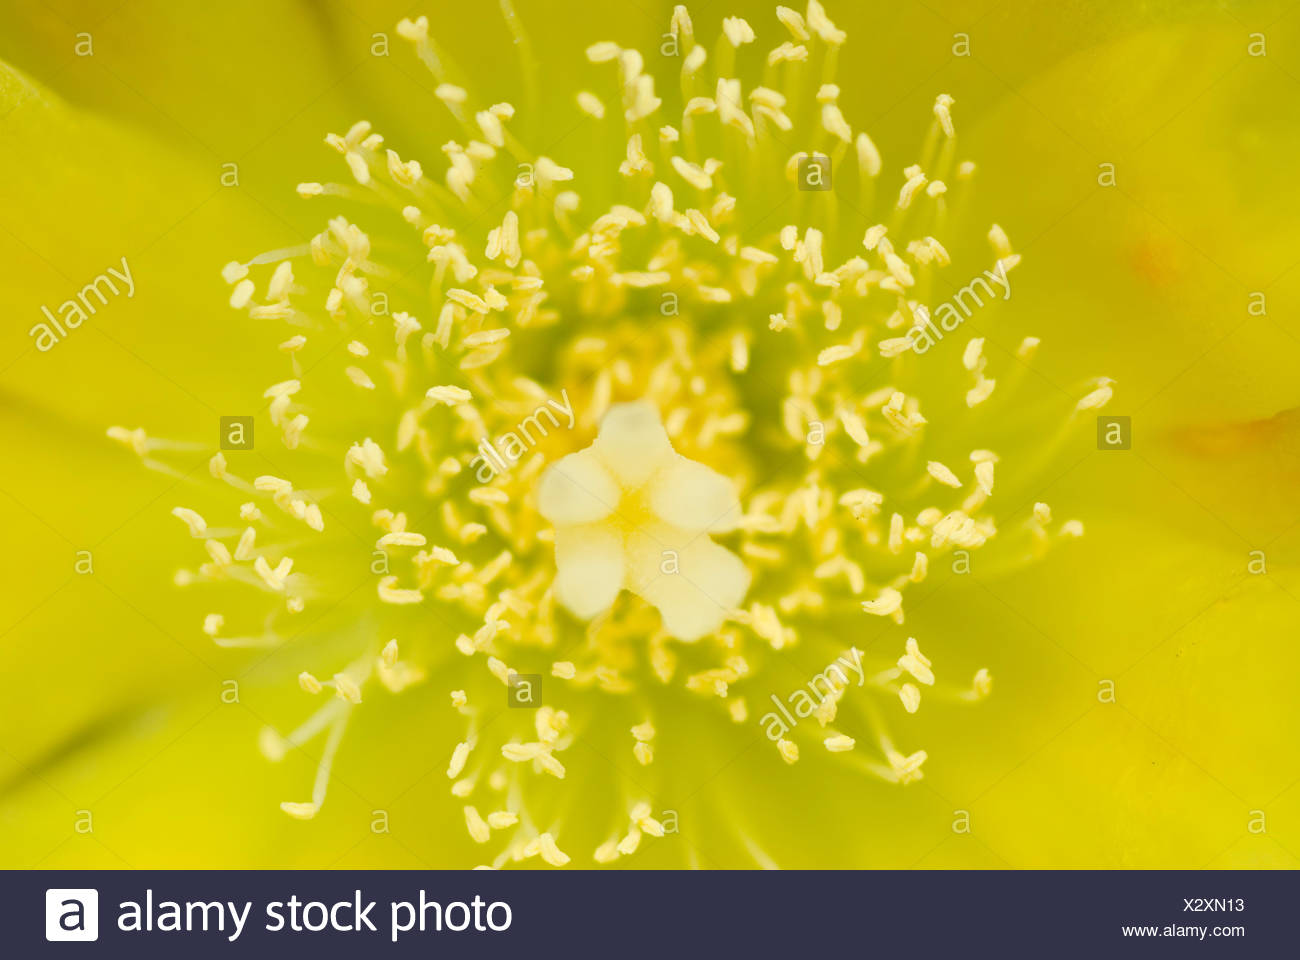 Flower, Pistil and stamen Stock Photo